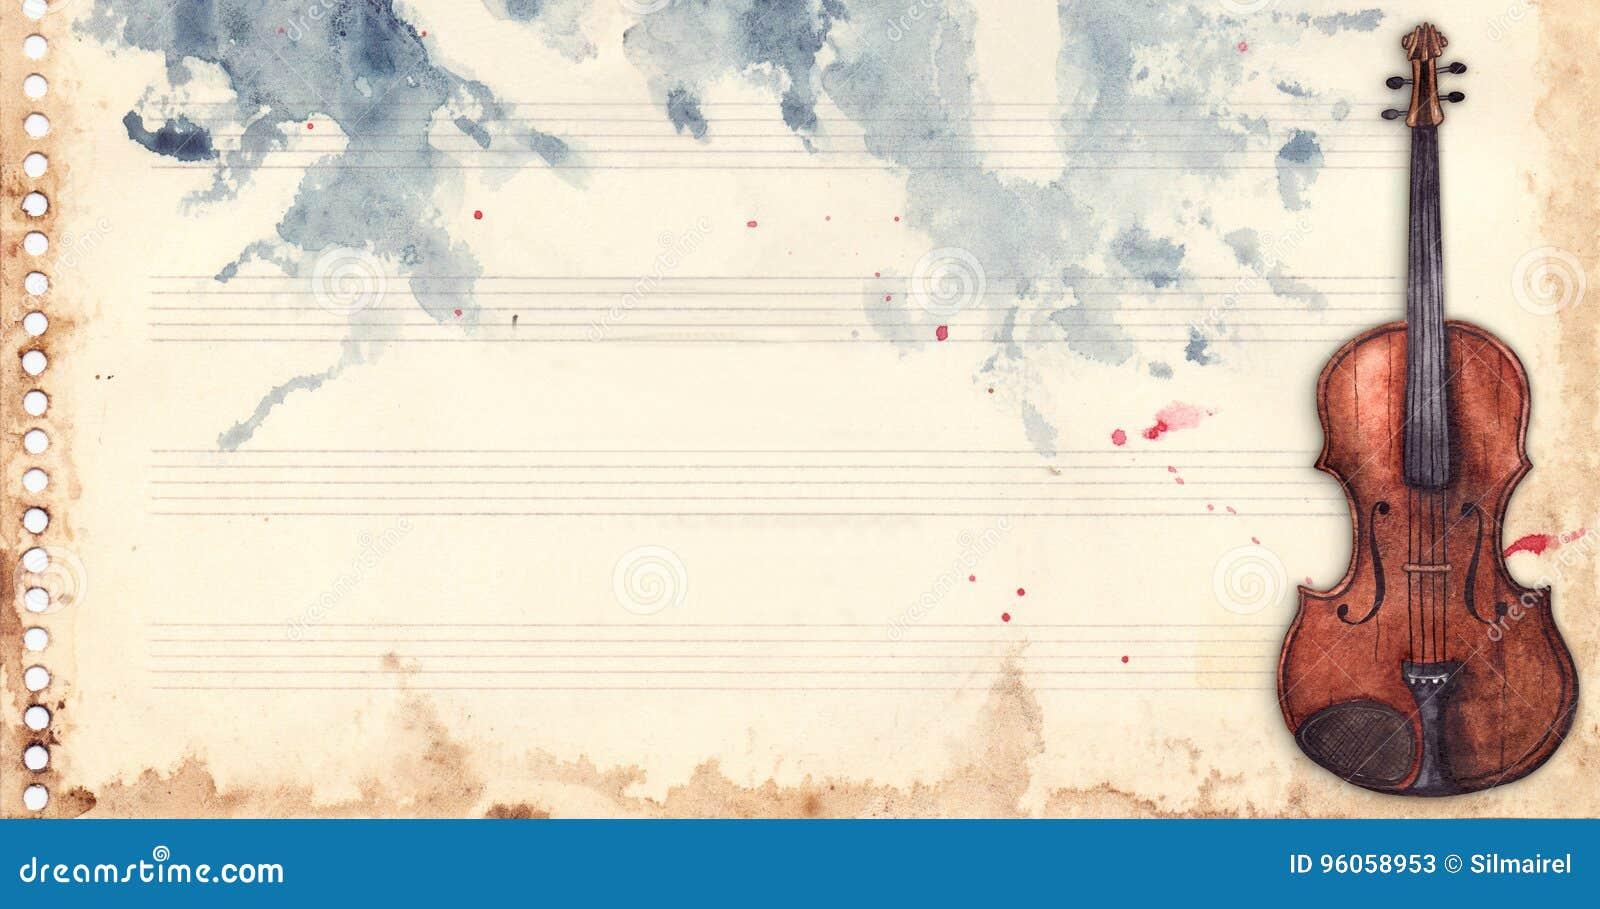 Rétro contexte de grunge de texture de fond de cadre d instrument de musique de violon de feuille de musique d aquarelle de vinta